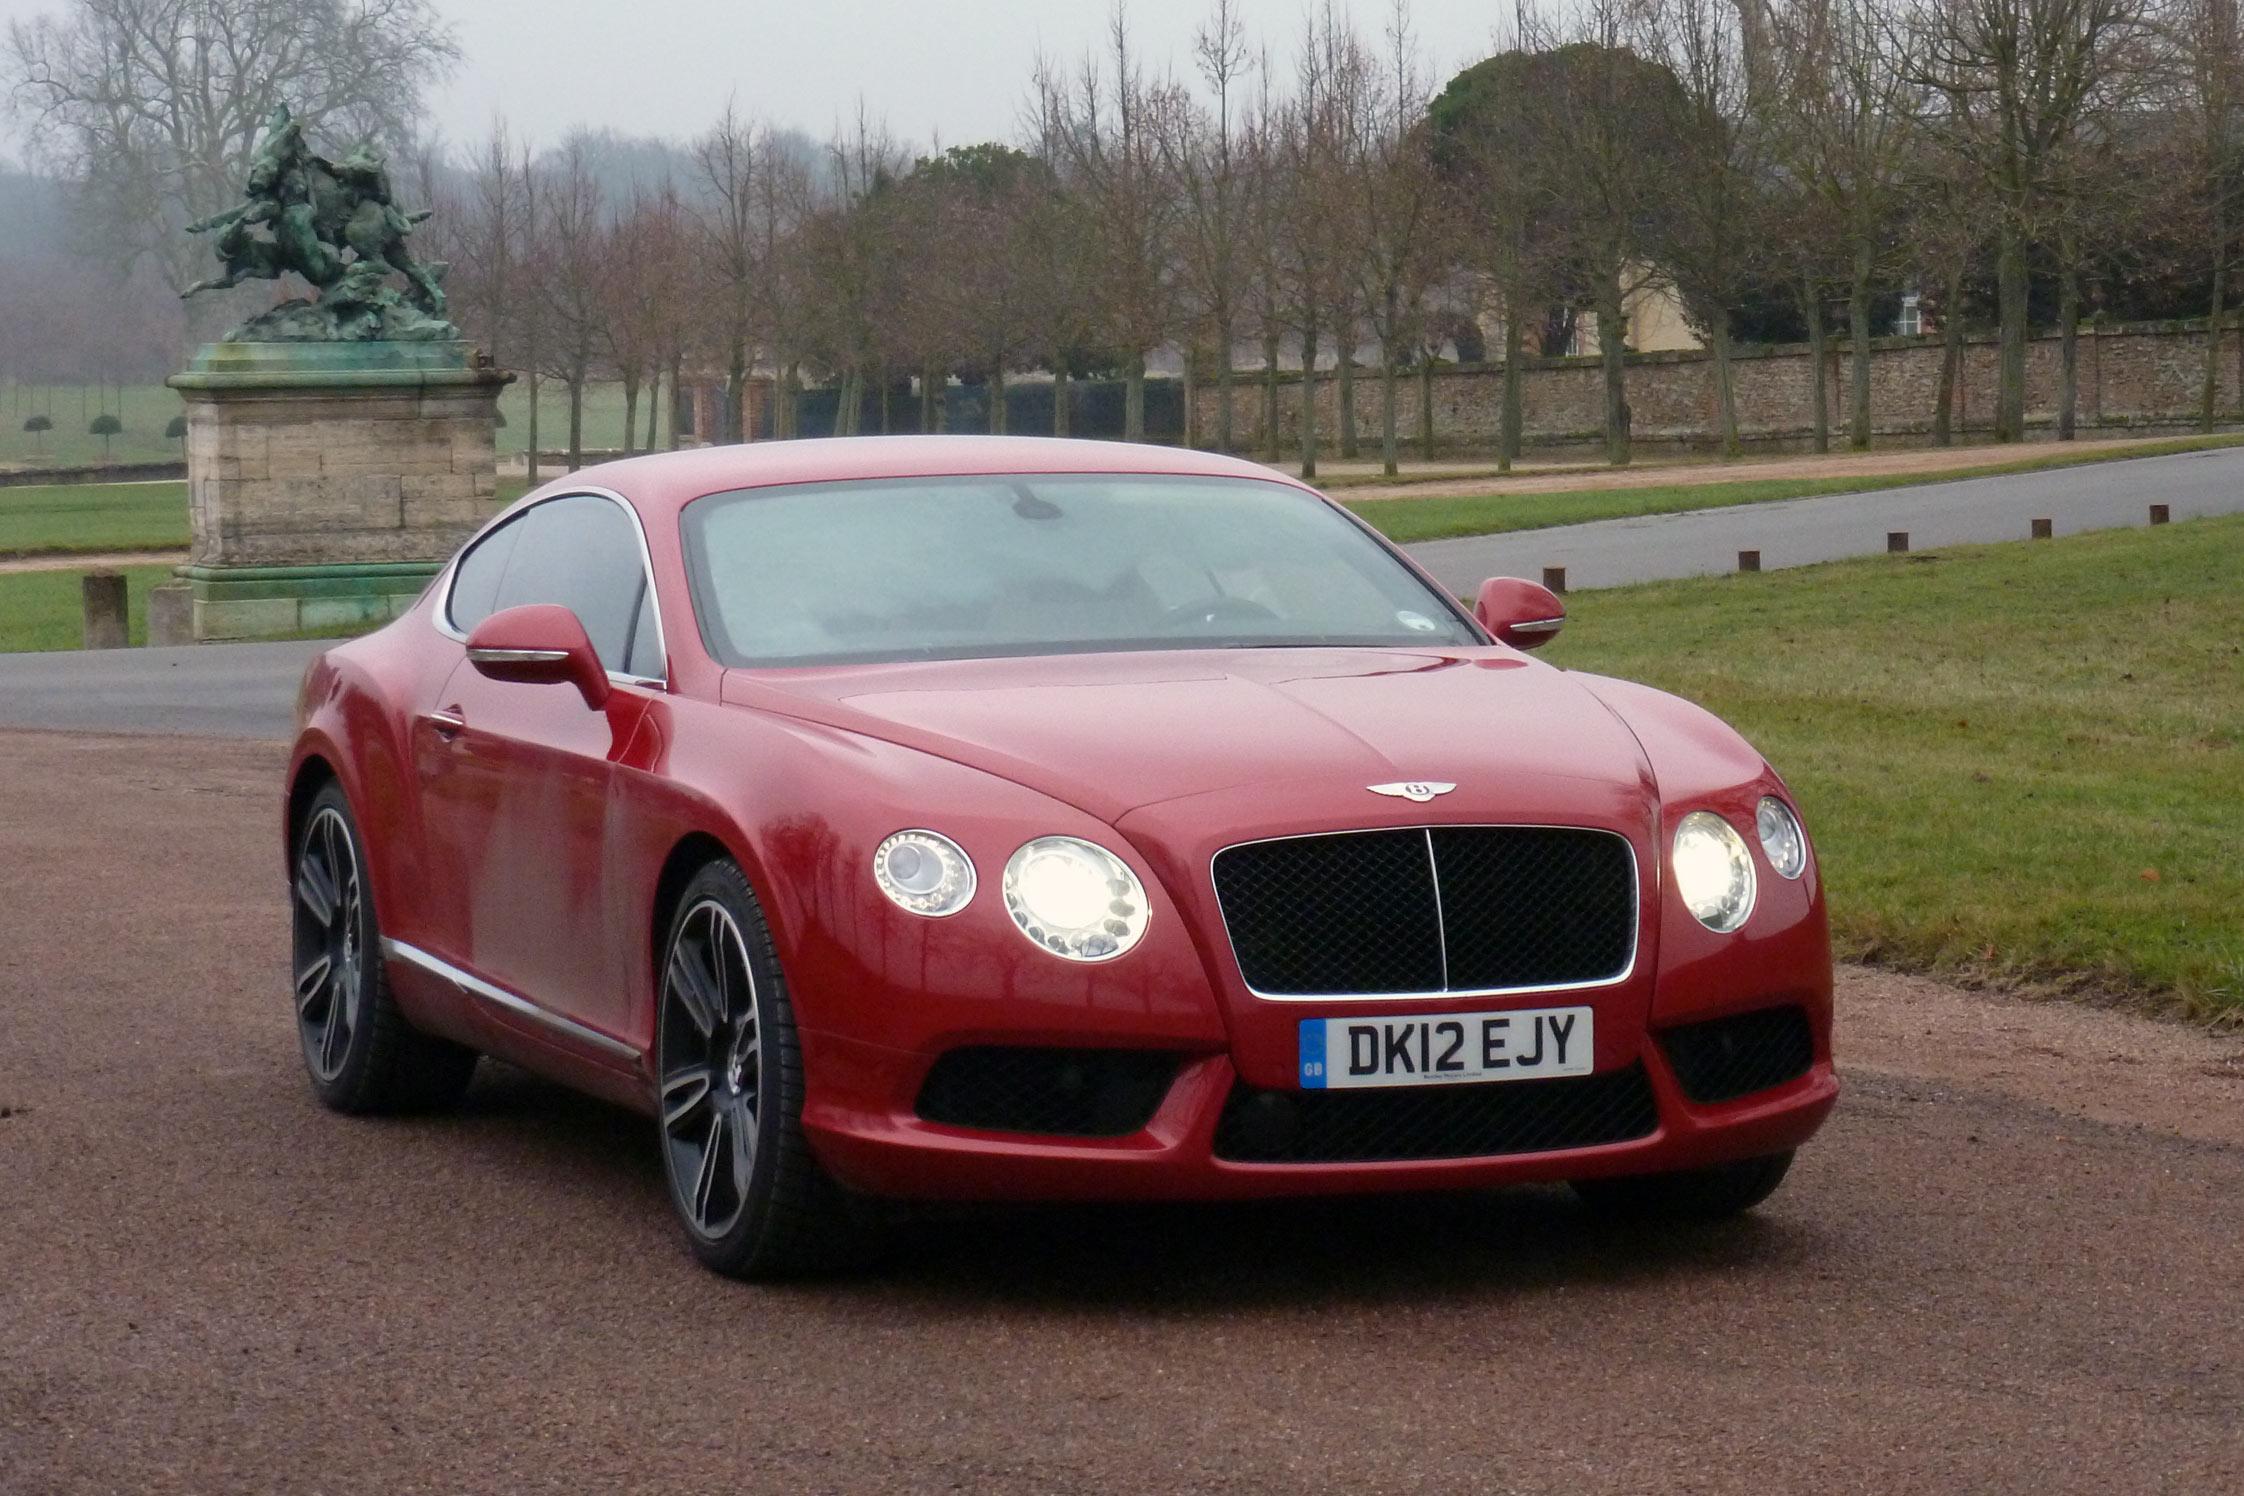 Essai Bentley Continental Gt V8 Motorlegend